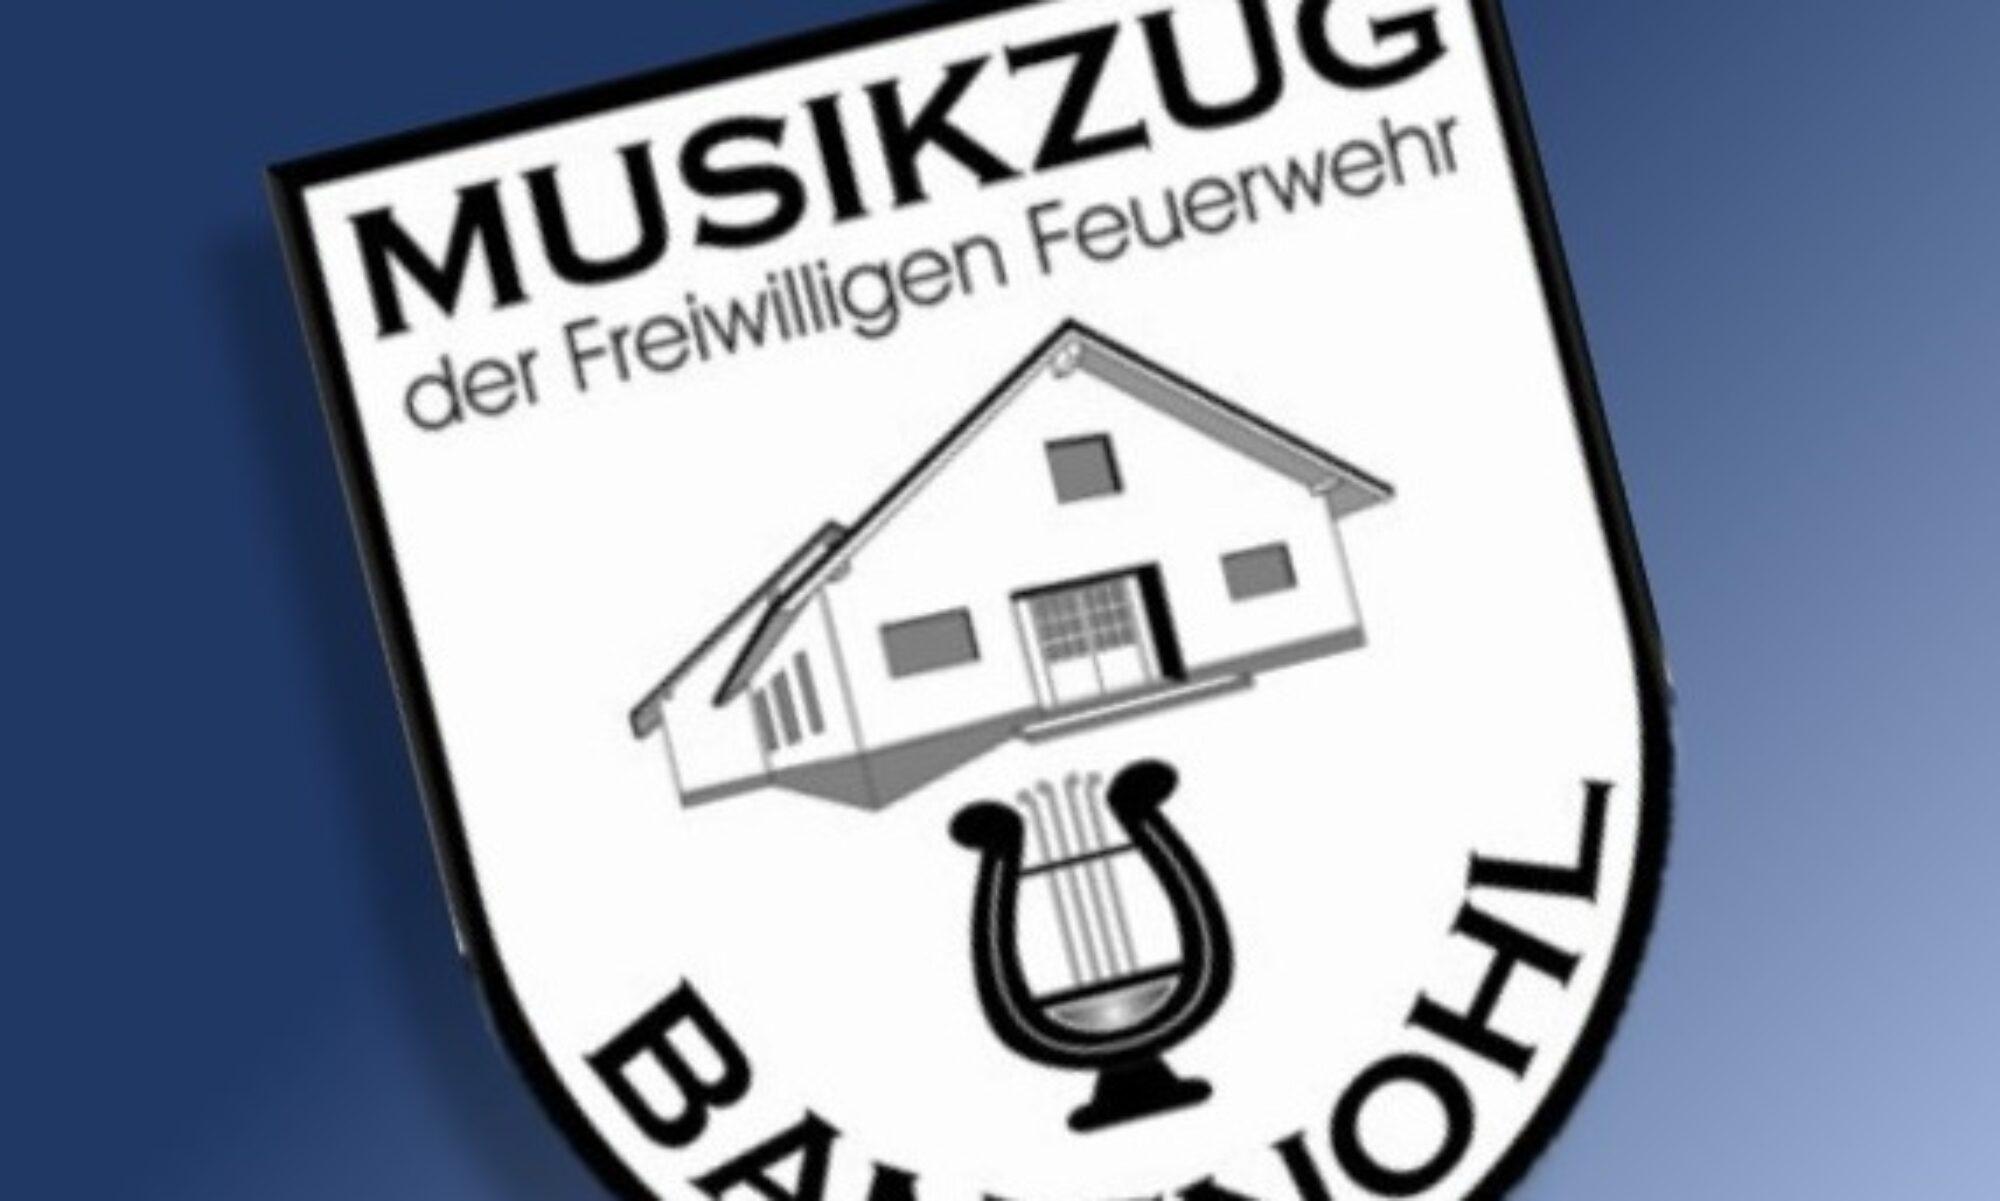 Musikzug Bamenohl